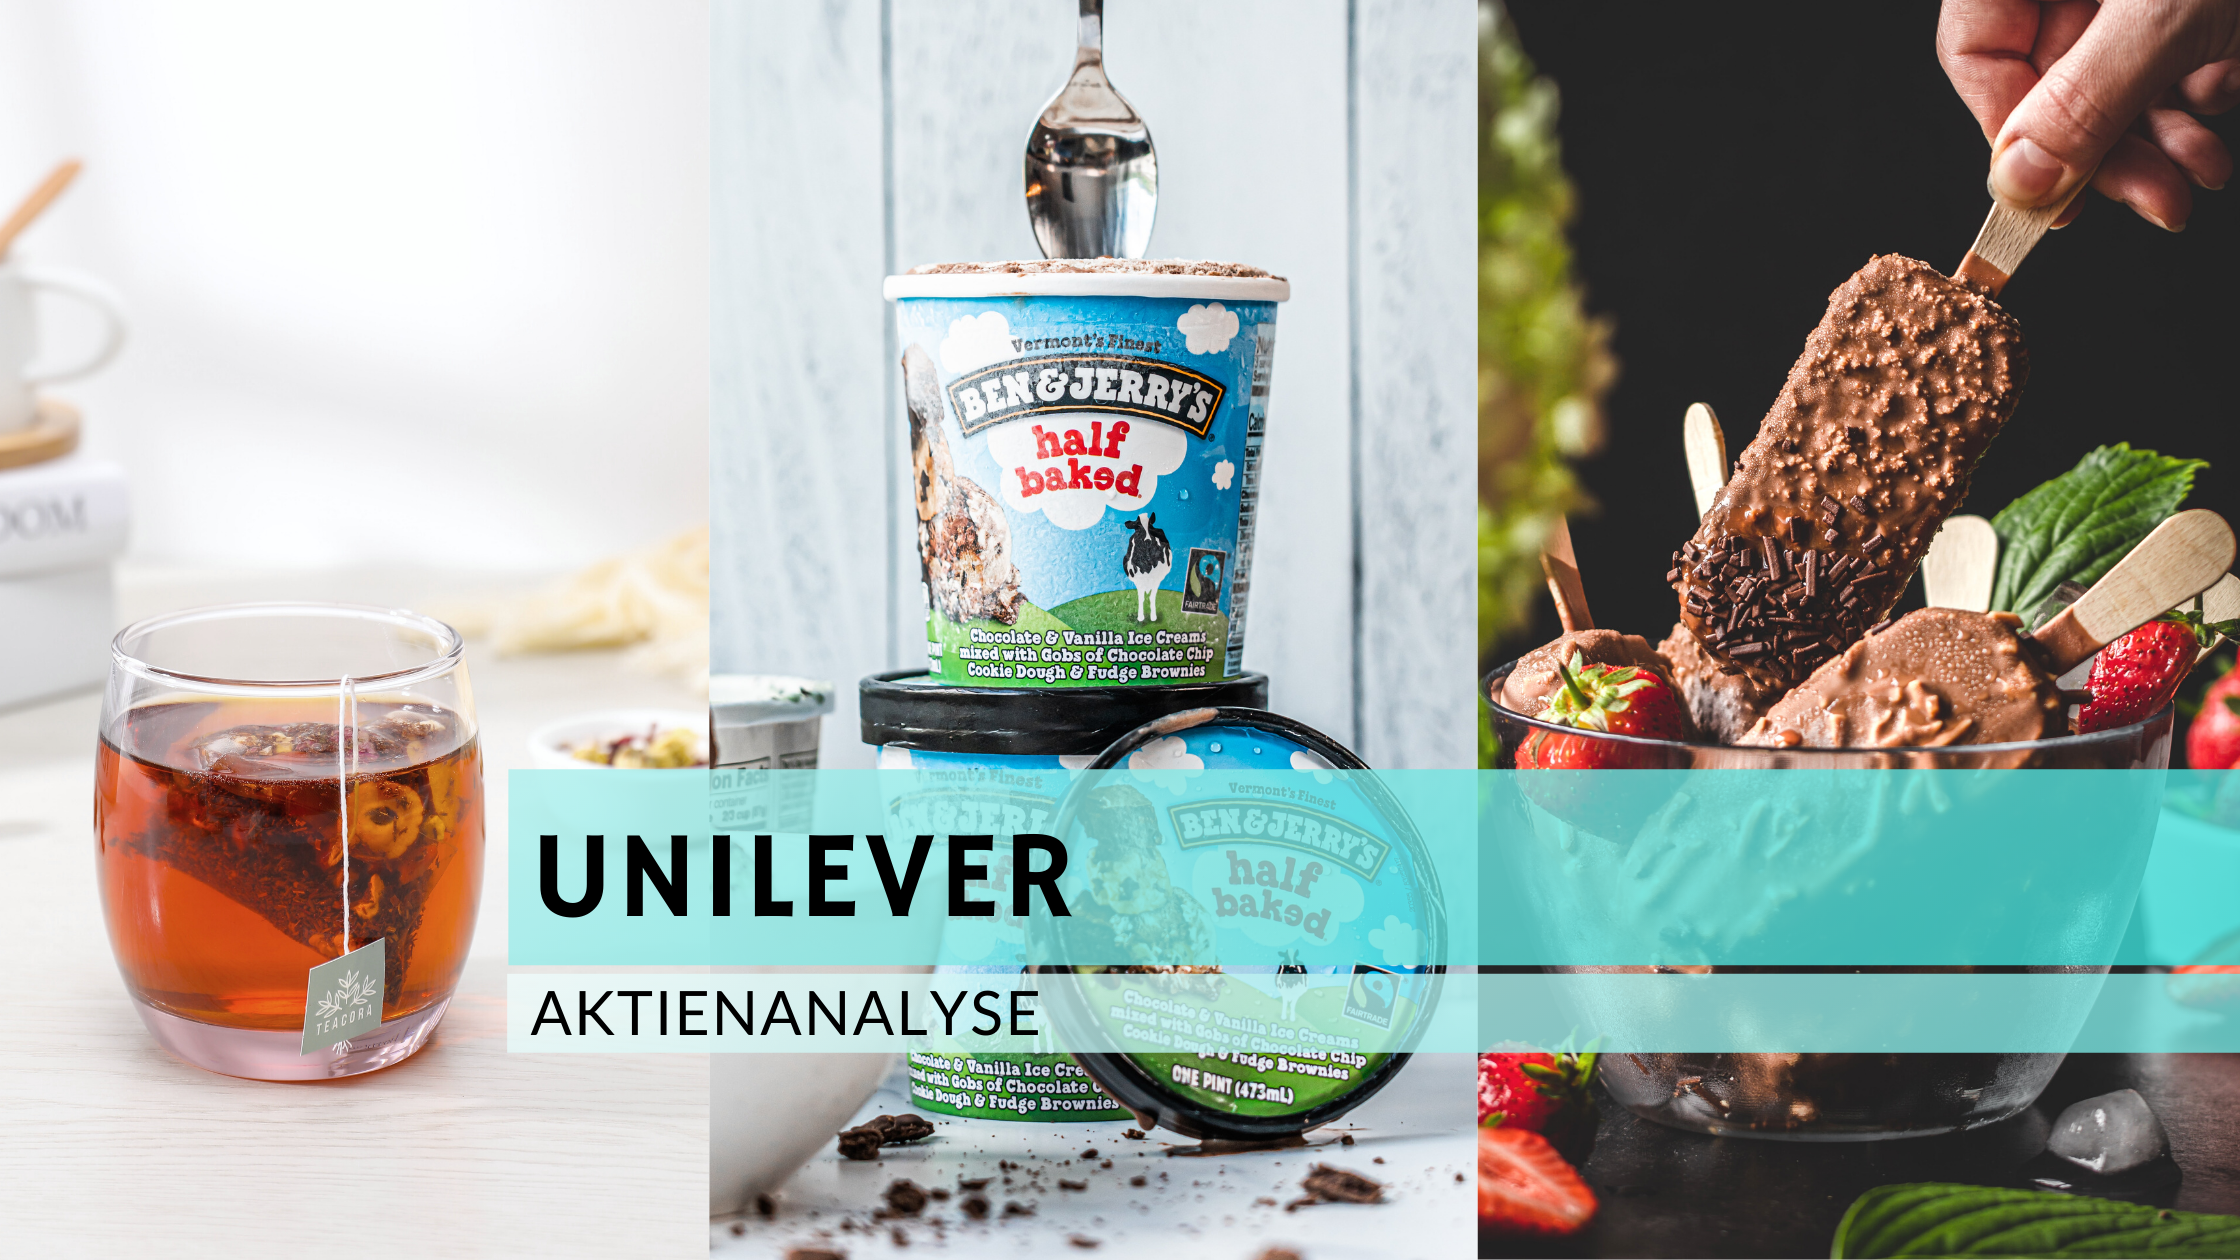 Unilever Aktienanalyse